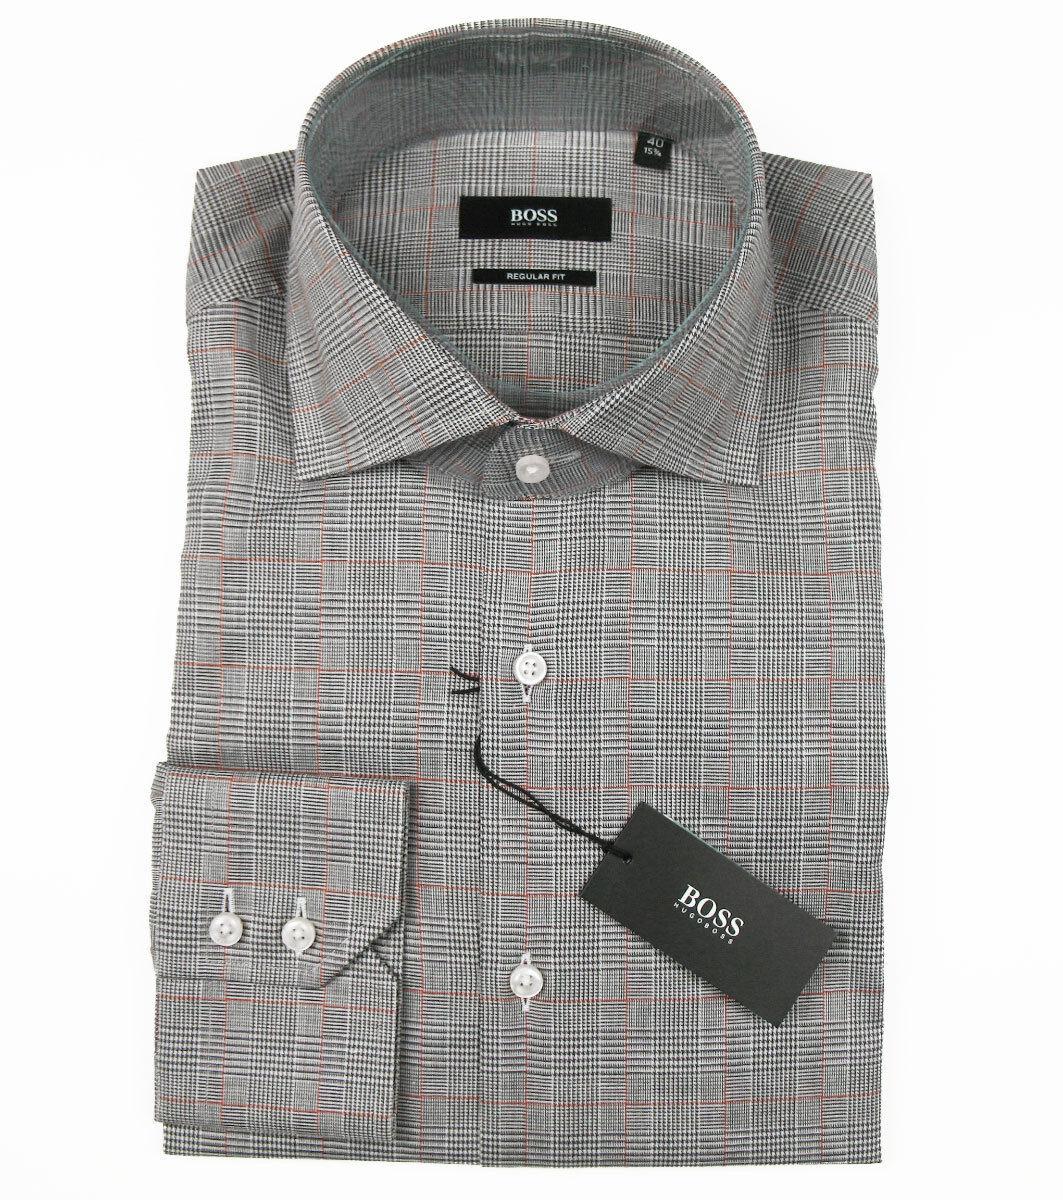 Boss nero Camicia di affari Gerald in 40 (regular fit) Marronee ItaliaItaliano